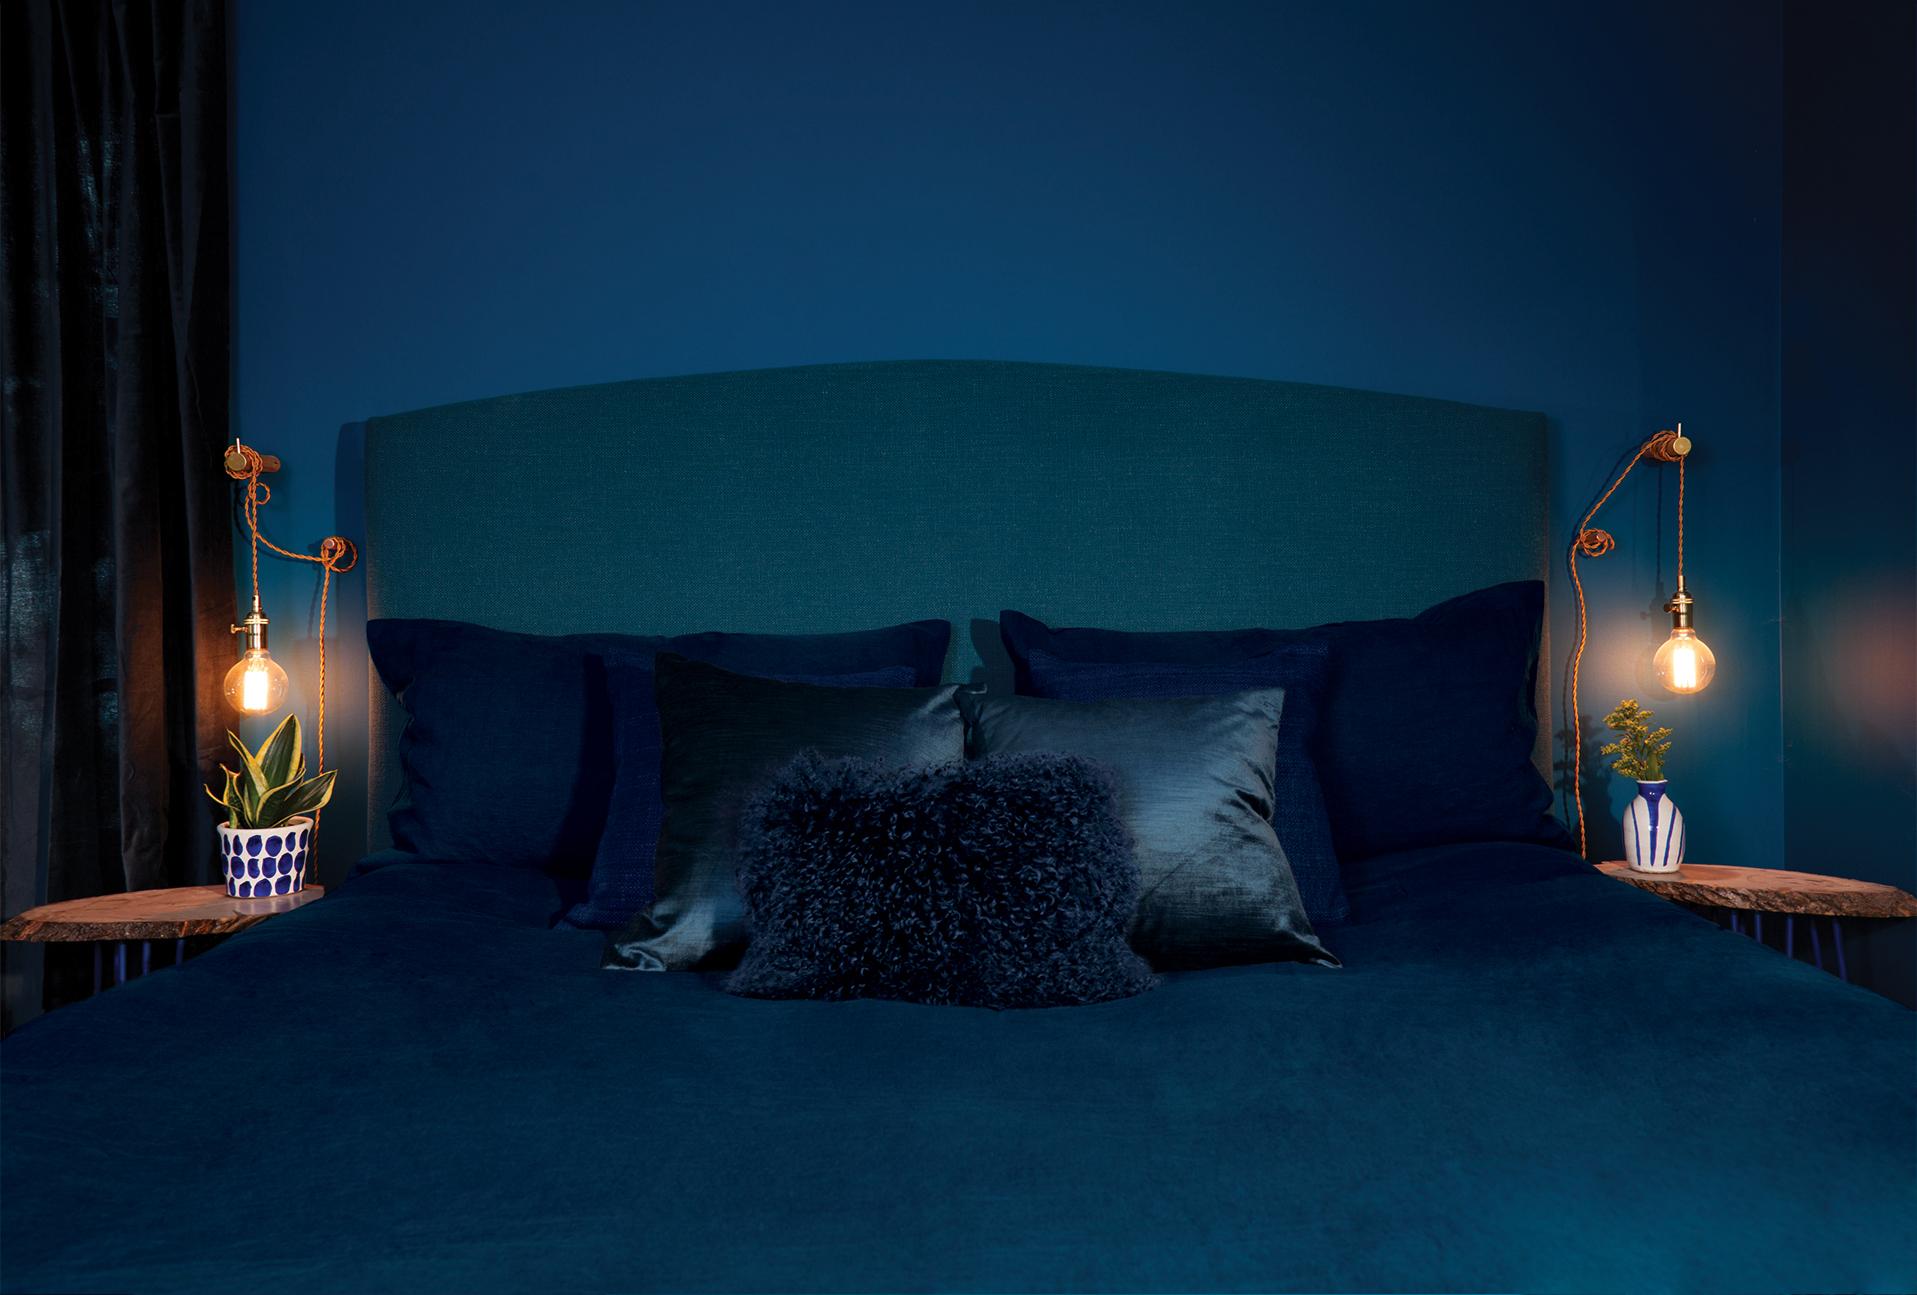 bedroom1Crx.jpg